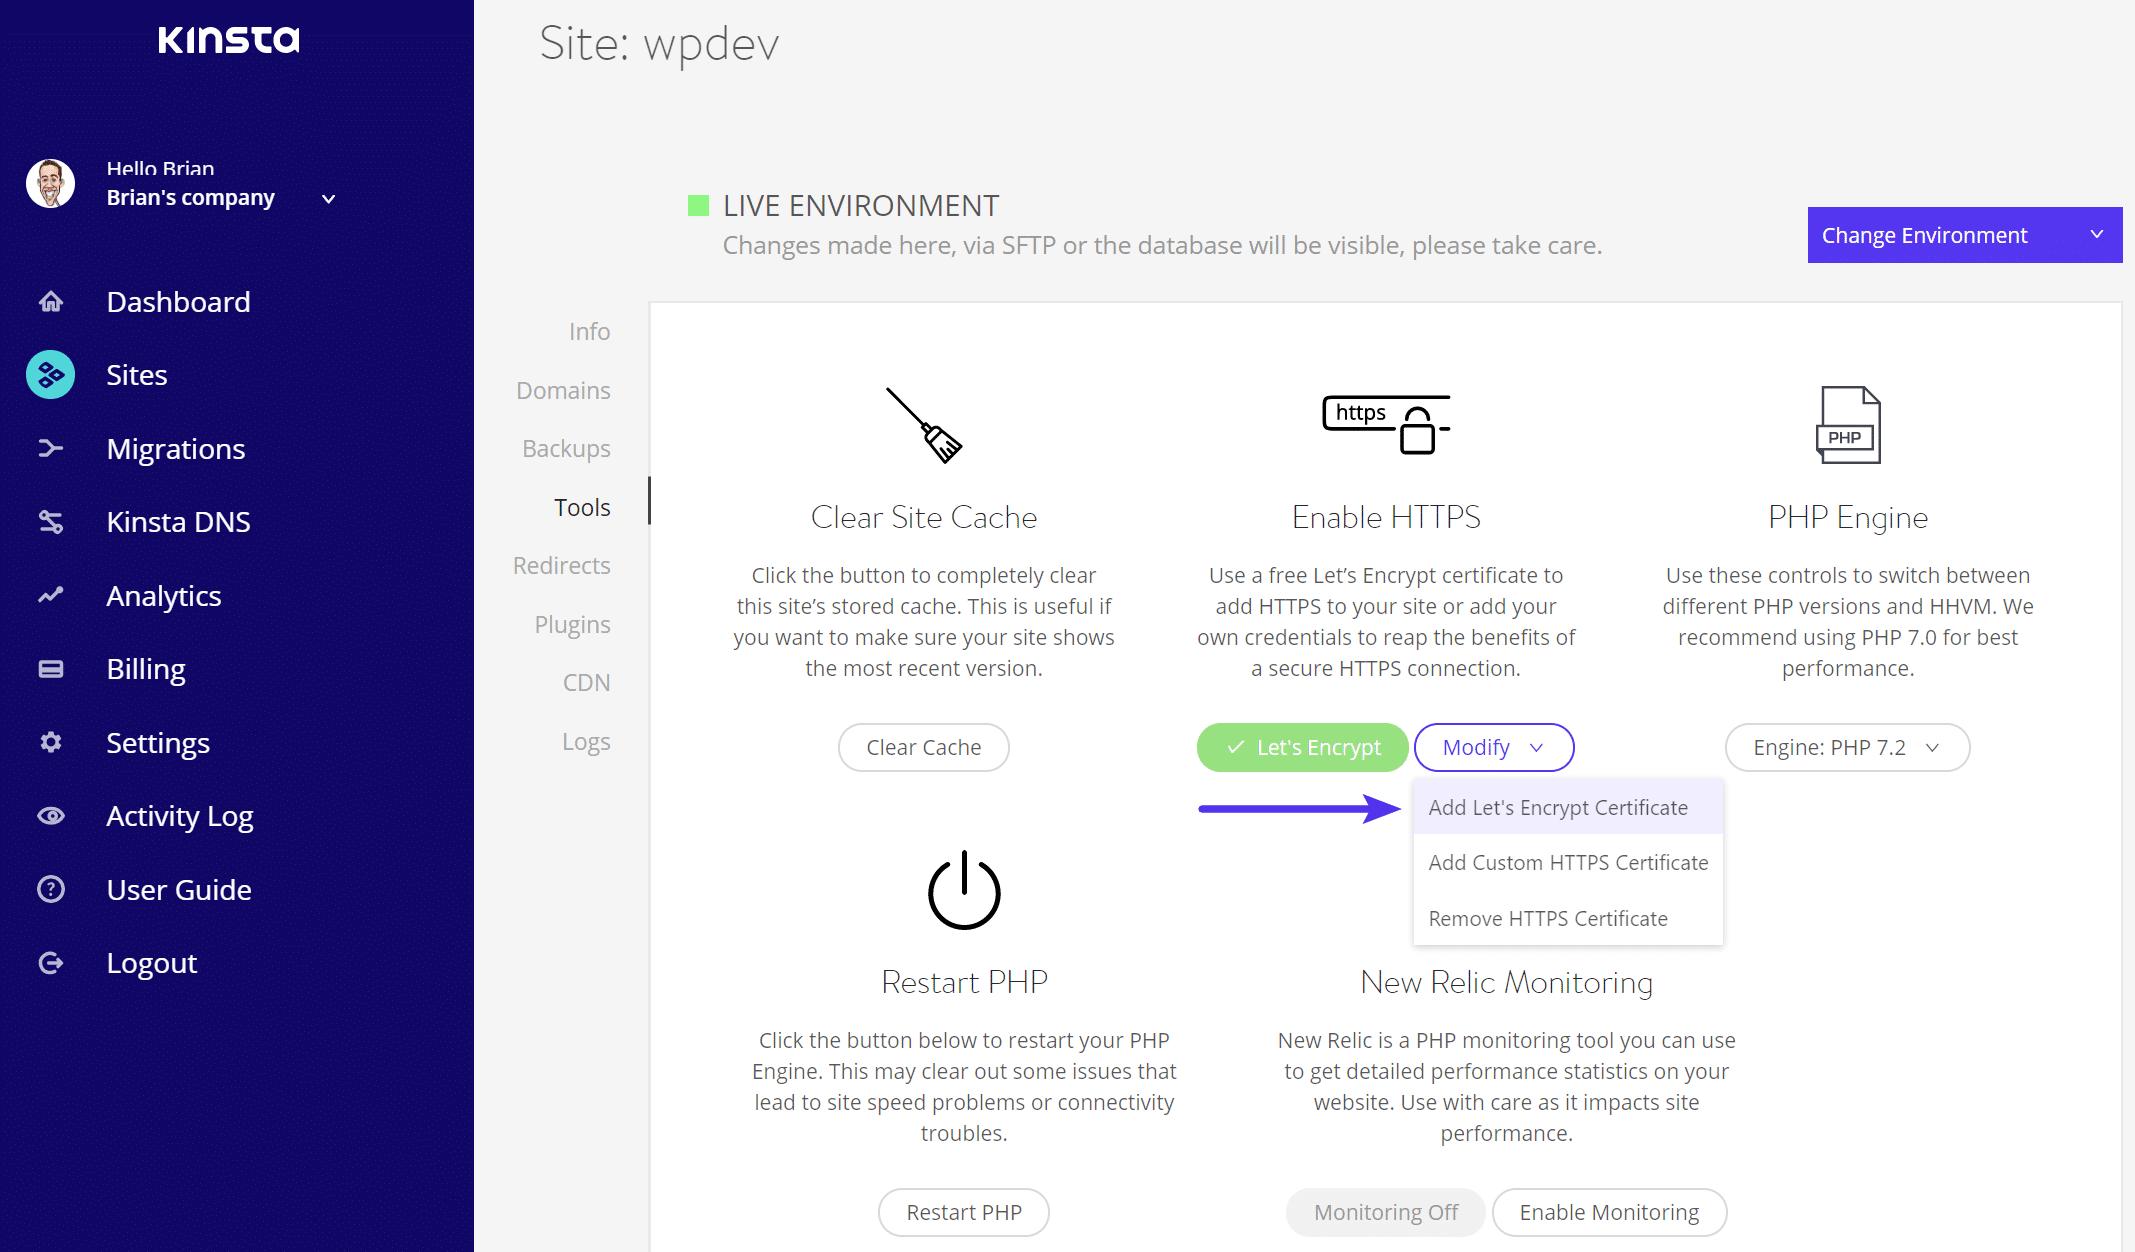 Lägg till Let's Encrypt-certifikat